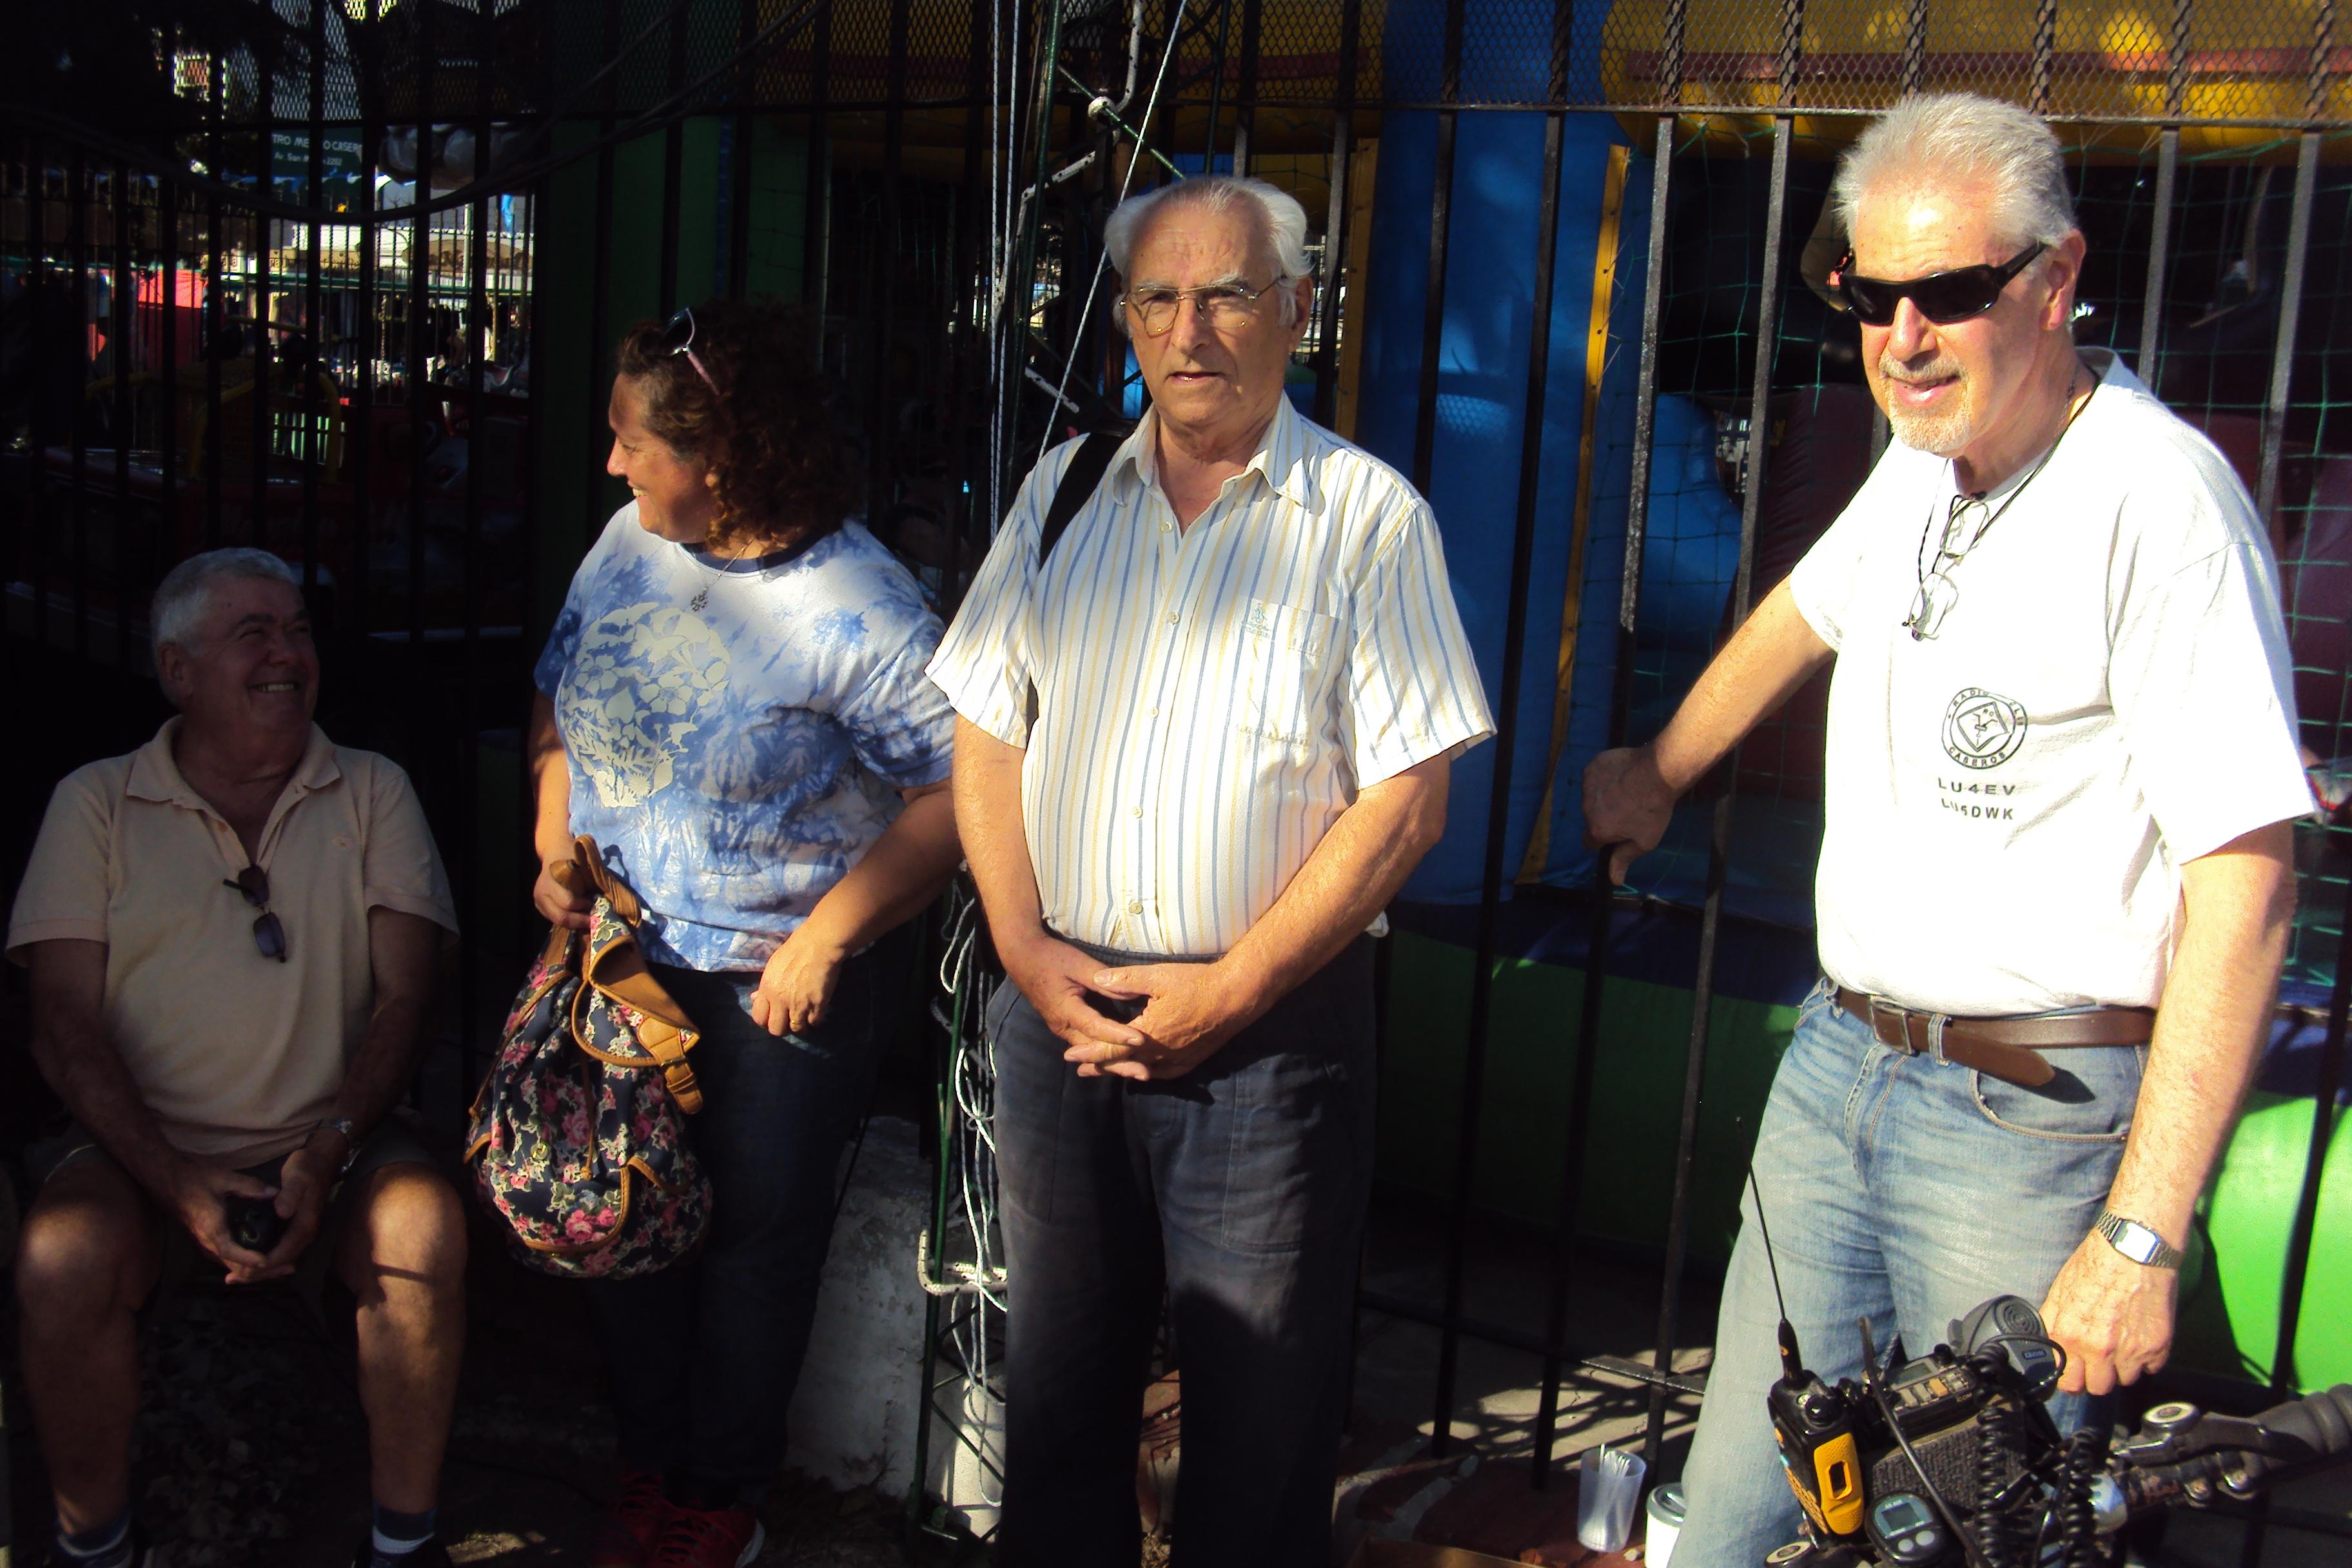 1-4-2017 - LU4EV transmitiendo desde la Plaza de la Unidad Nacional de Caseros - QSL Especial gesta de Malvinas - Juan (lu7djh), Paula (lu8epa), José (lu1dtz) y Julio (lu5dwk).